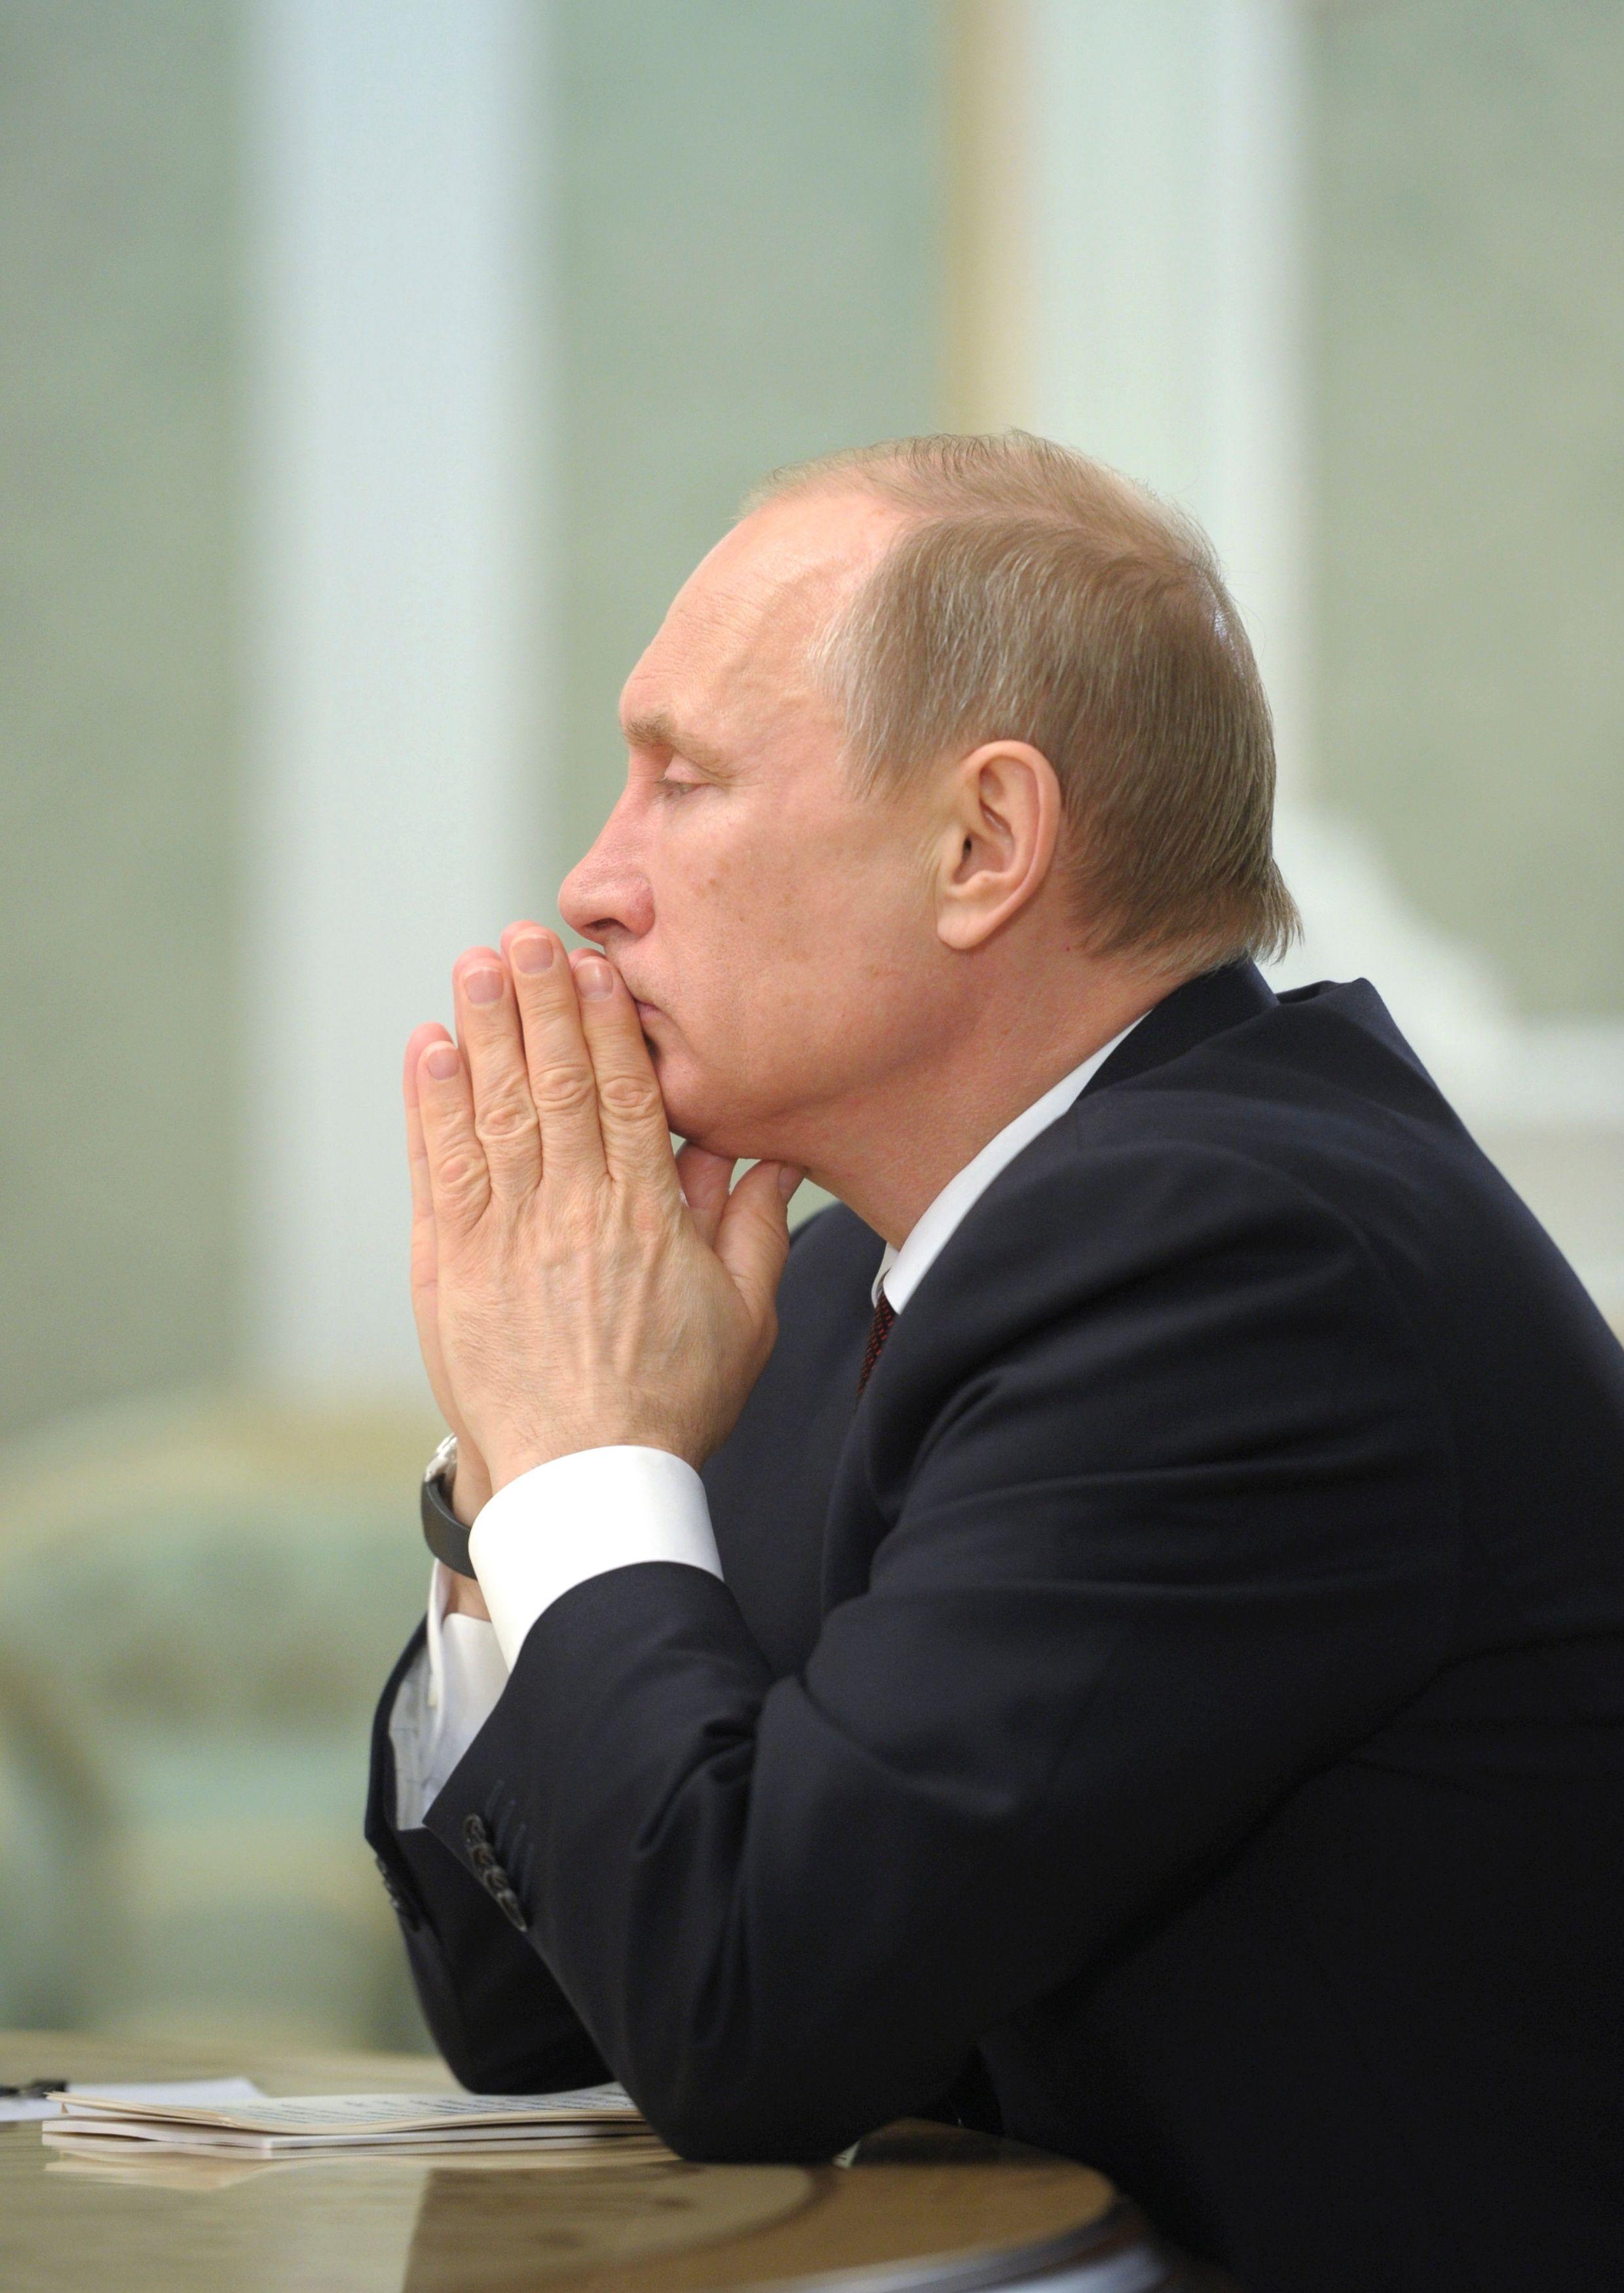 Face aux sanctions occidentales, le tsar de toutes les Russies a pris des mesures de rétorsion.